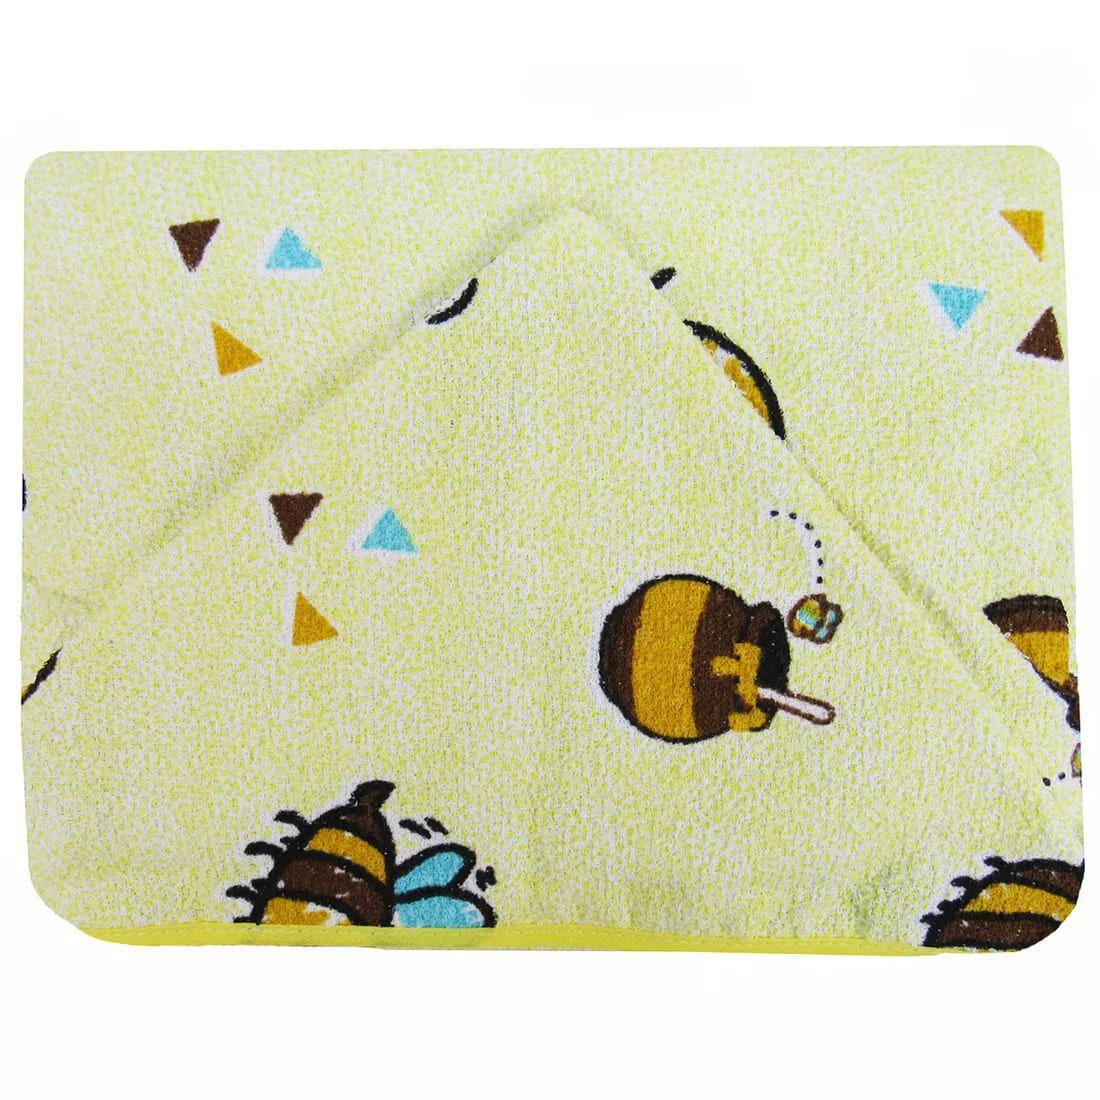 Toalha de Banho Infantil Capuz Forrada - Abelhinha - Amarela